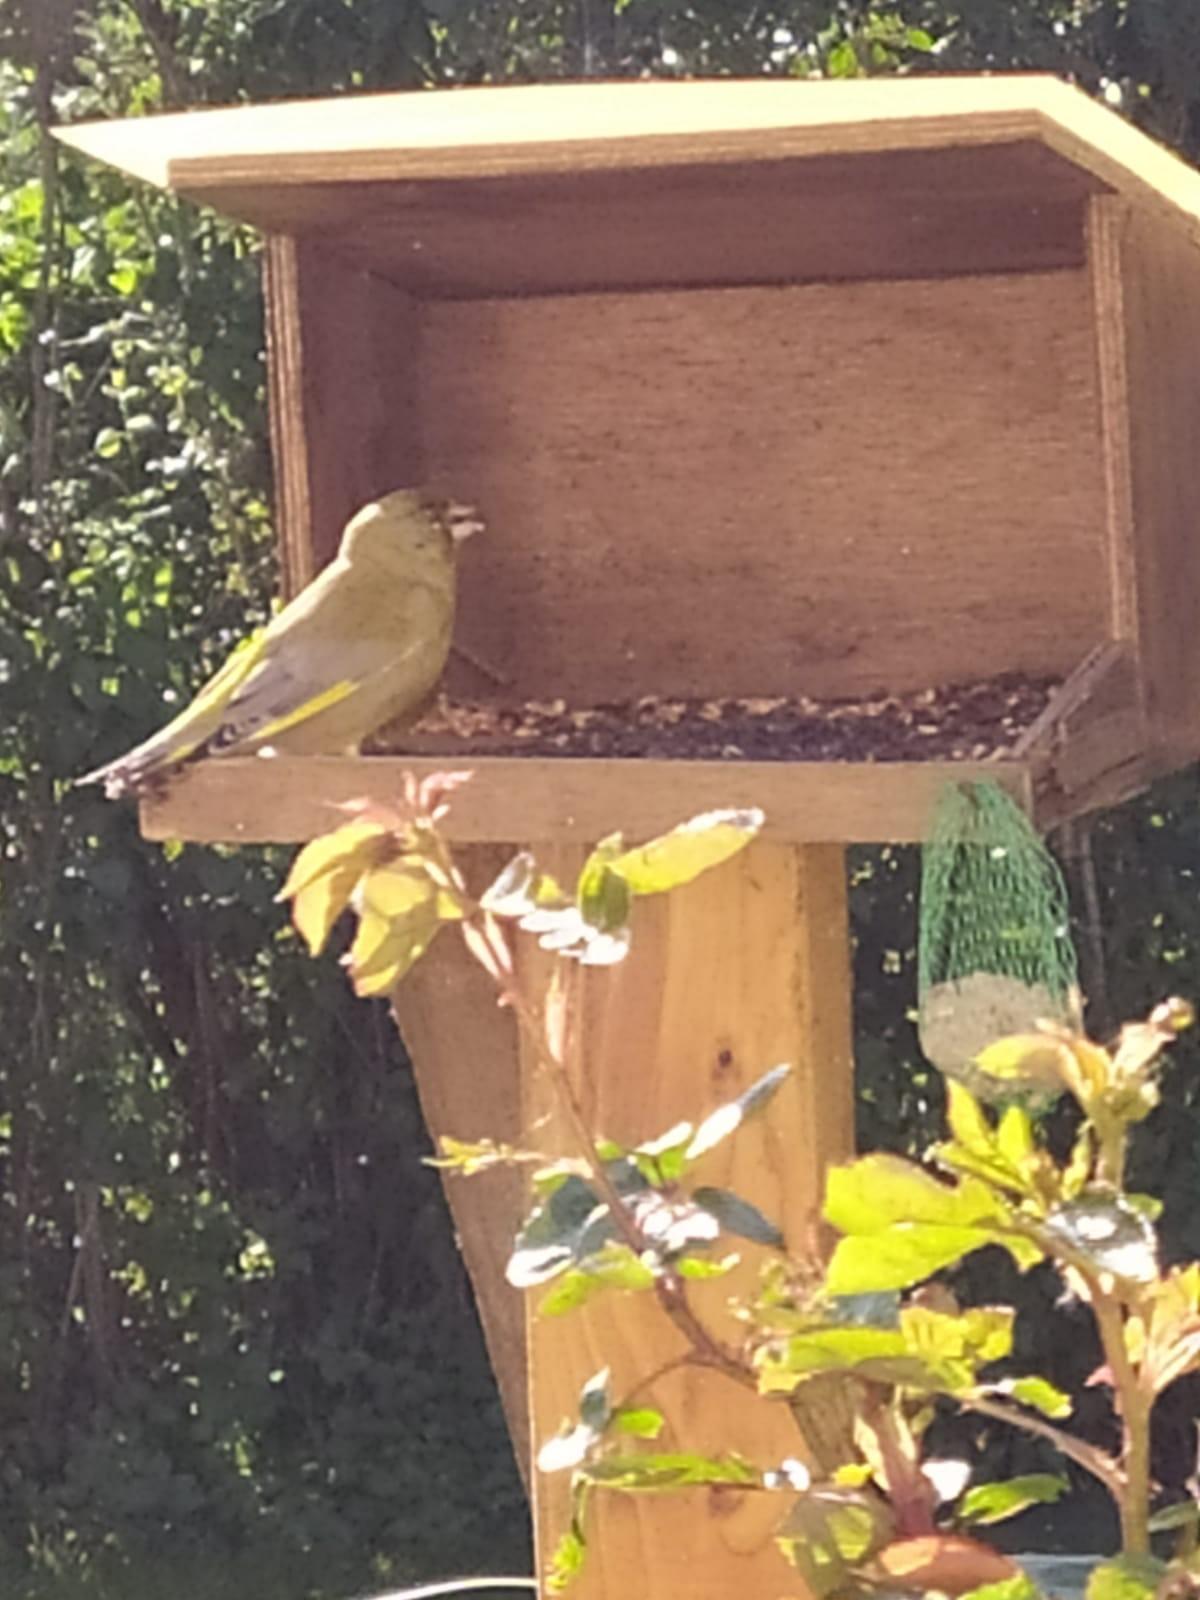 Sandrine et Bertrand Digne observent un verdier. Malheureusement cet oiseau est atteint d'une maladie.